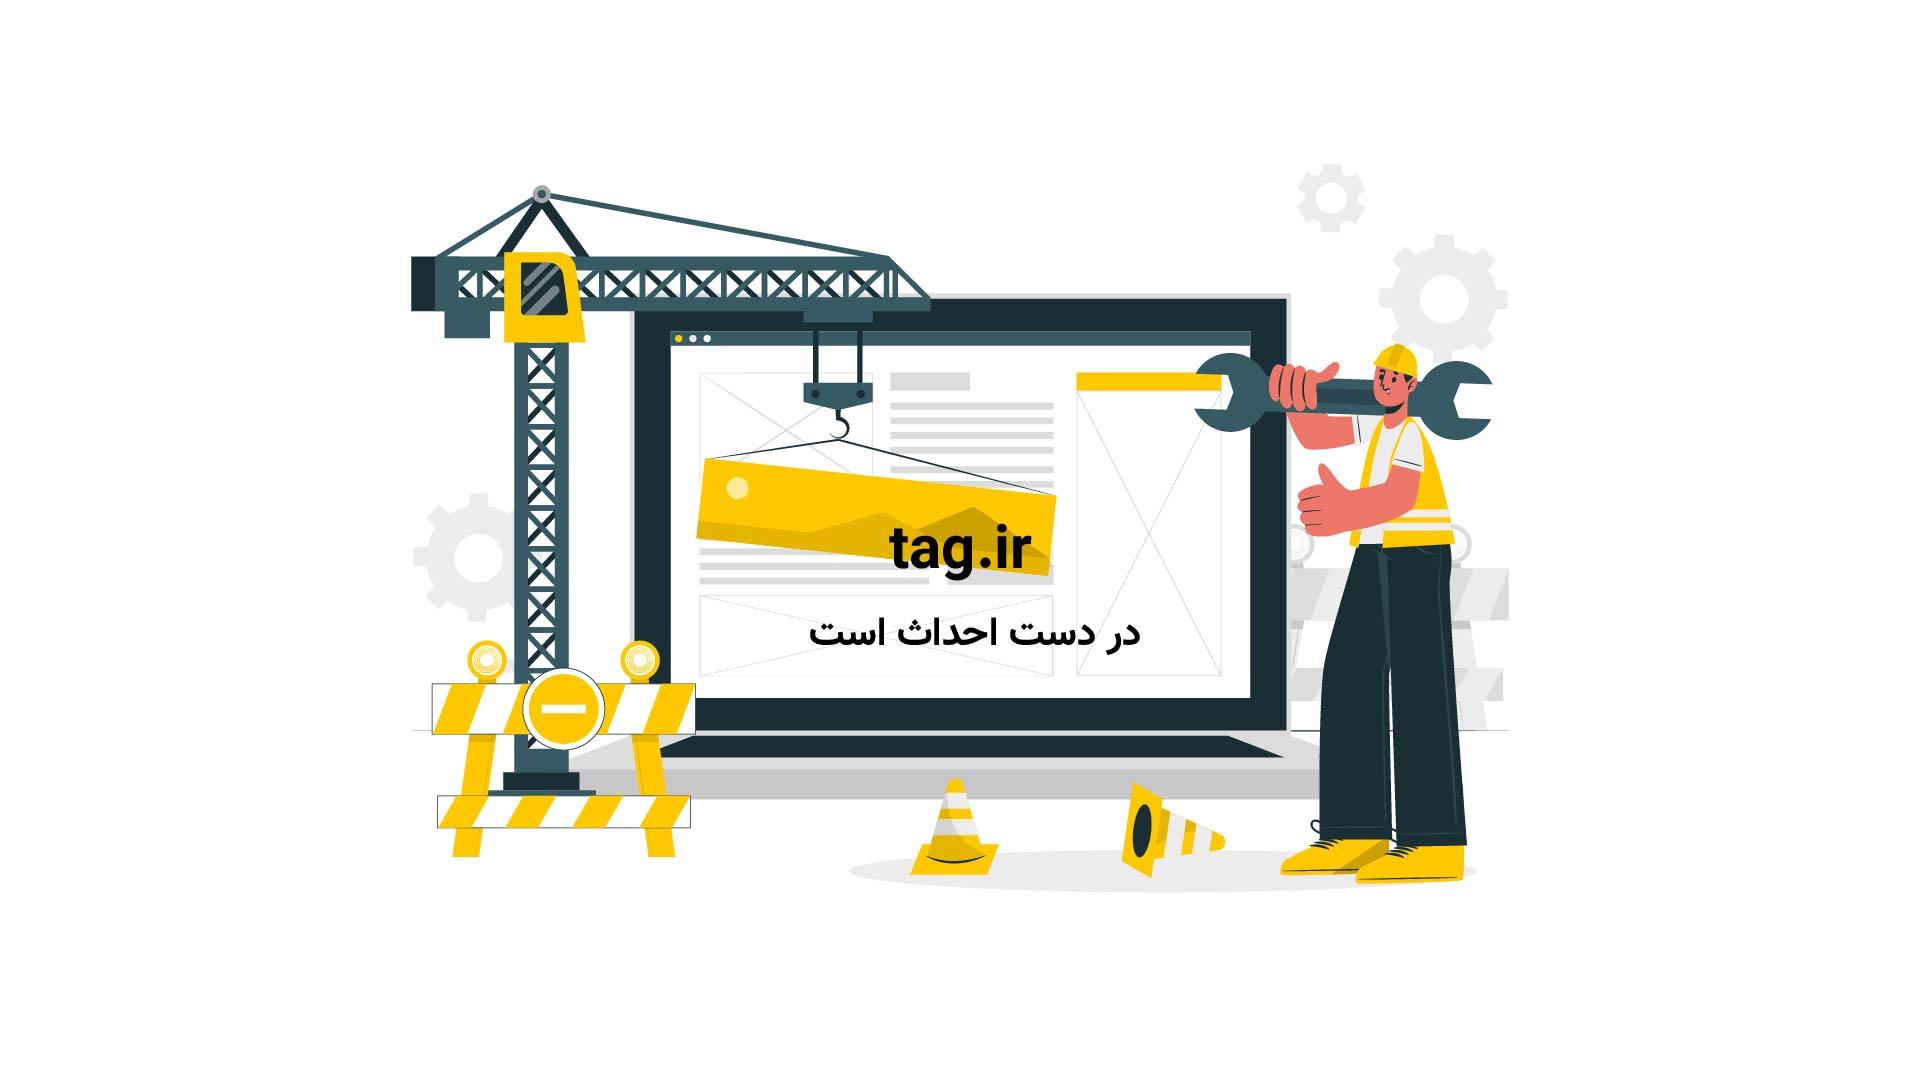 نمایش استعداد فوتبالی وزیر کار در افتتاح مجموعه ورزشی کارگران | فیلم